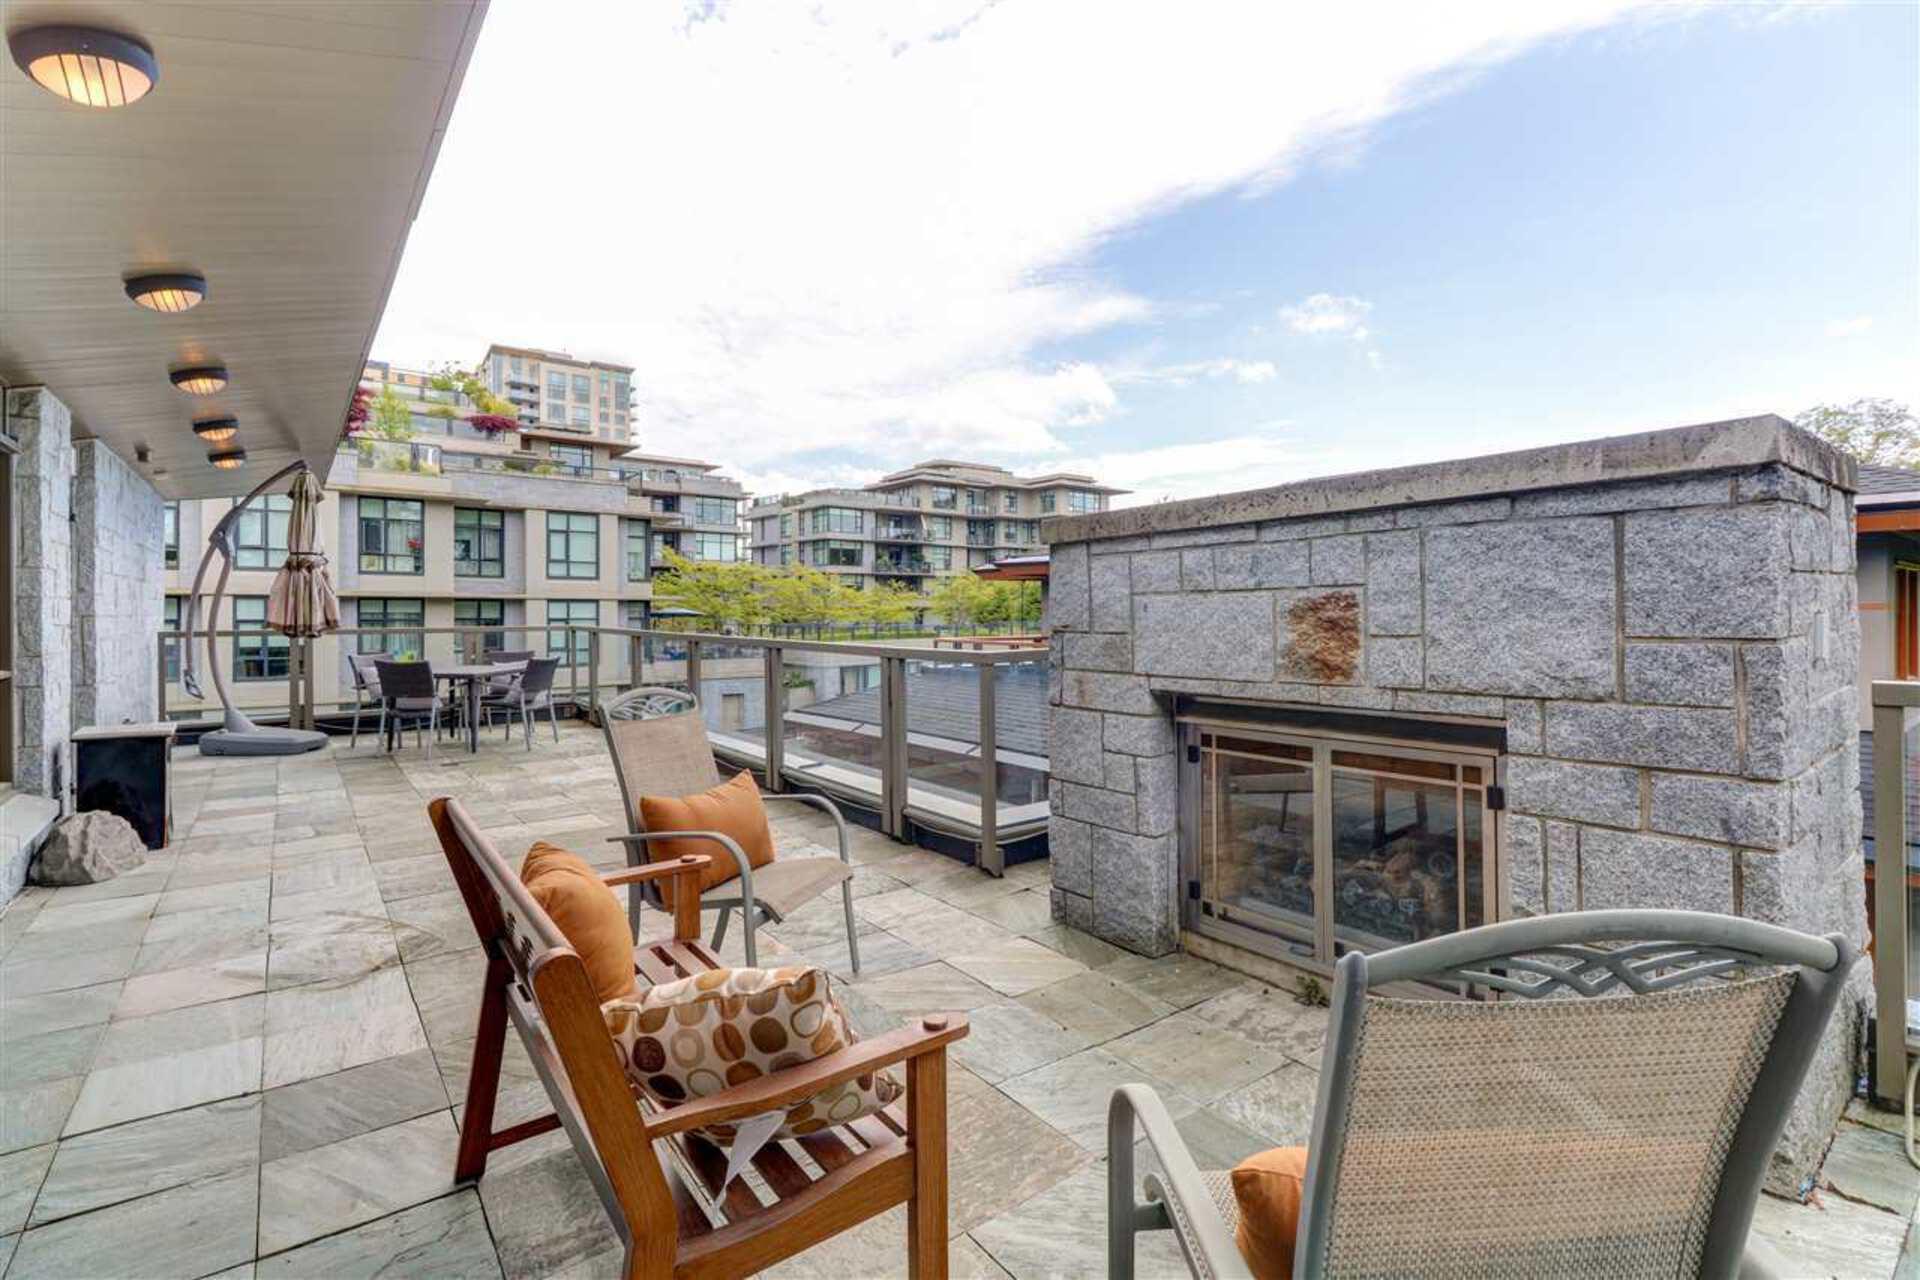 6060-chancellor-boulevard-university-vw-vancouver-west-17 at 6060 Chancellor Boulevard, University VW, Vancouver West